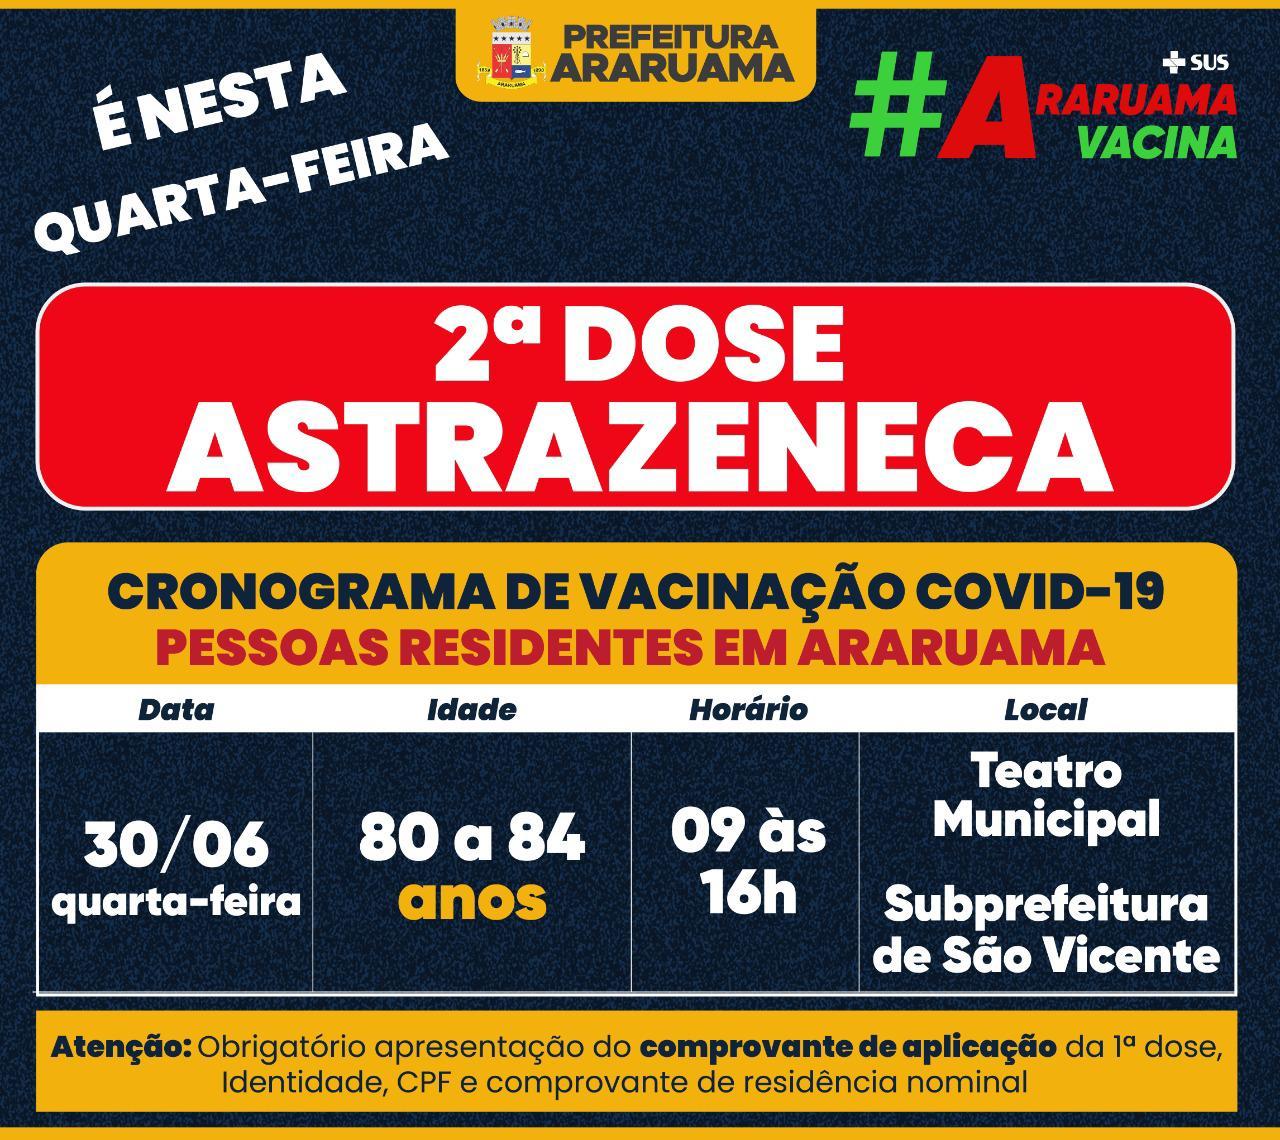 Calendário de vacinação da segunda dose Astrazeneca